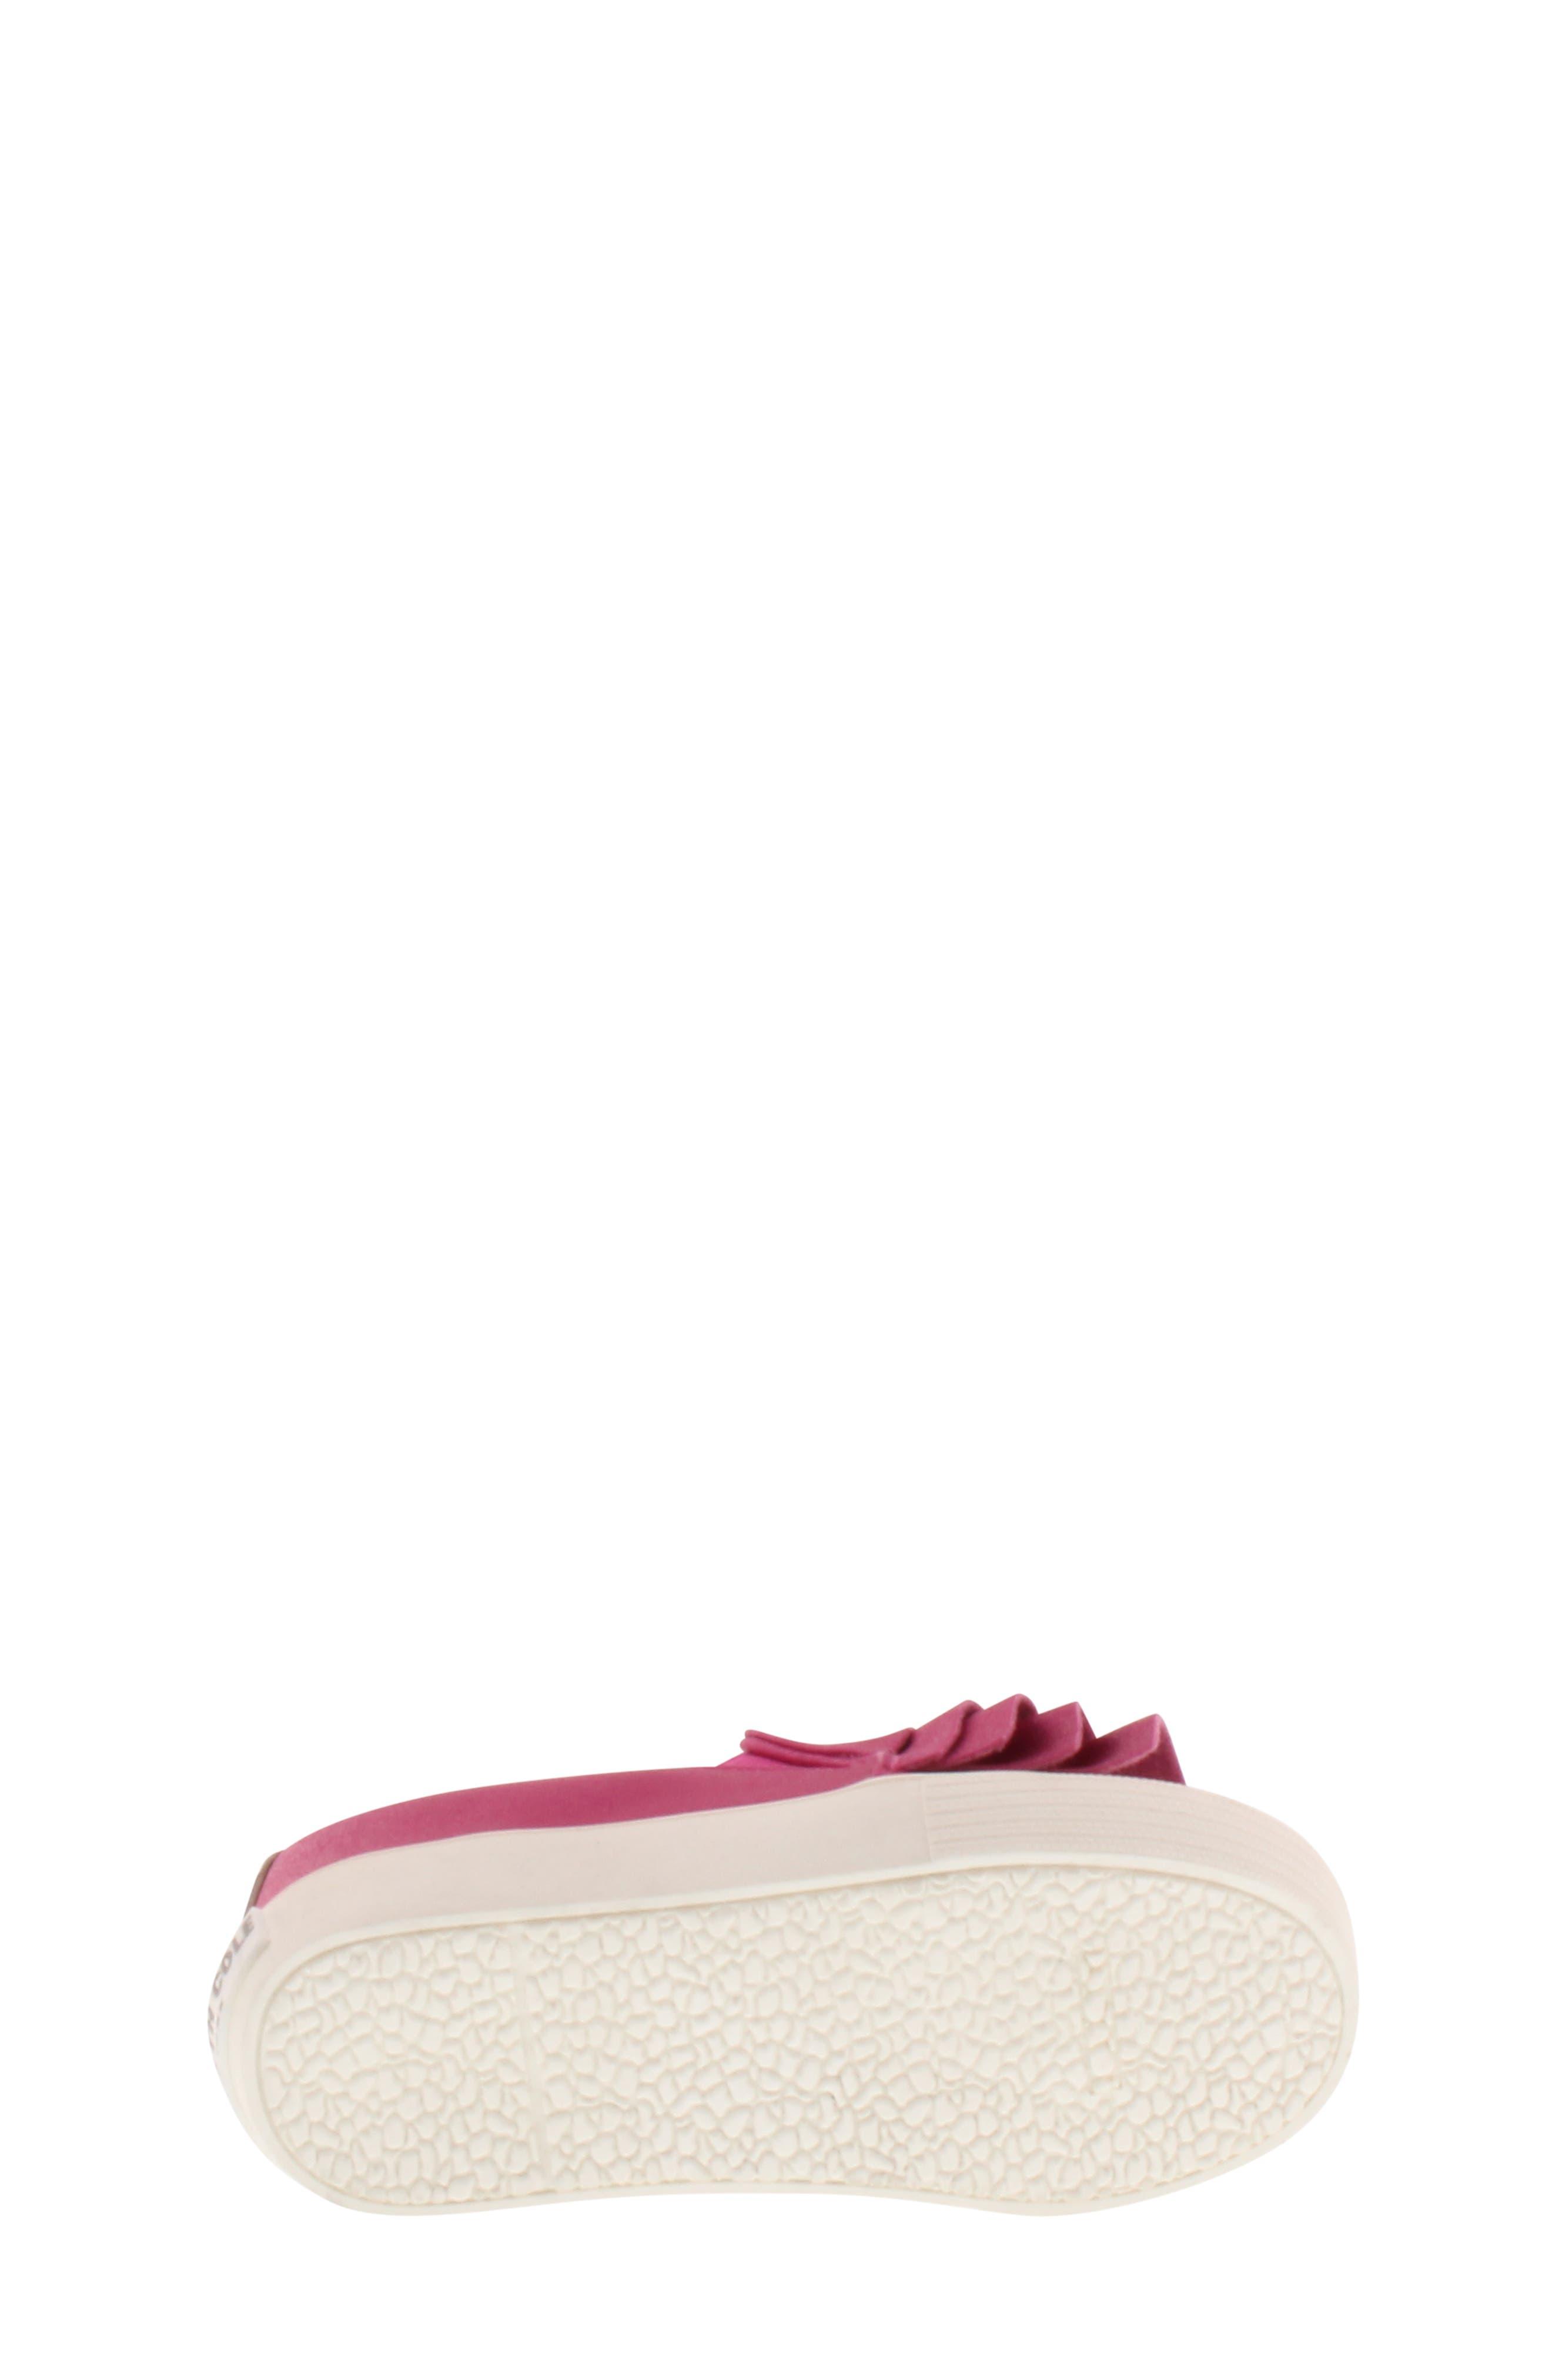 Shimmery Kam Ruffle Slip-On Sneaker,                             Alternate thumbnail 6, color,                             Fuchsia